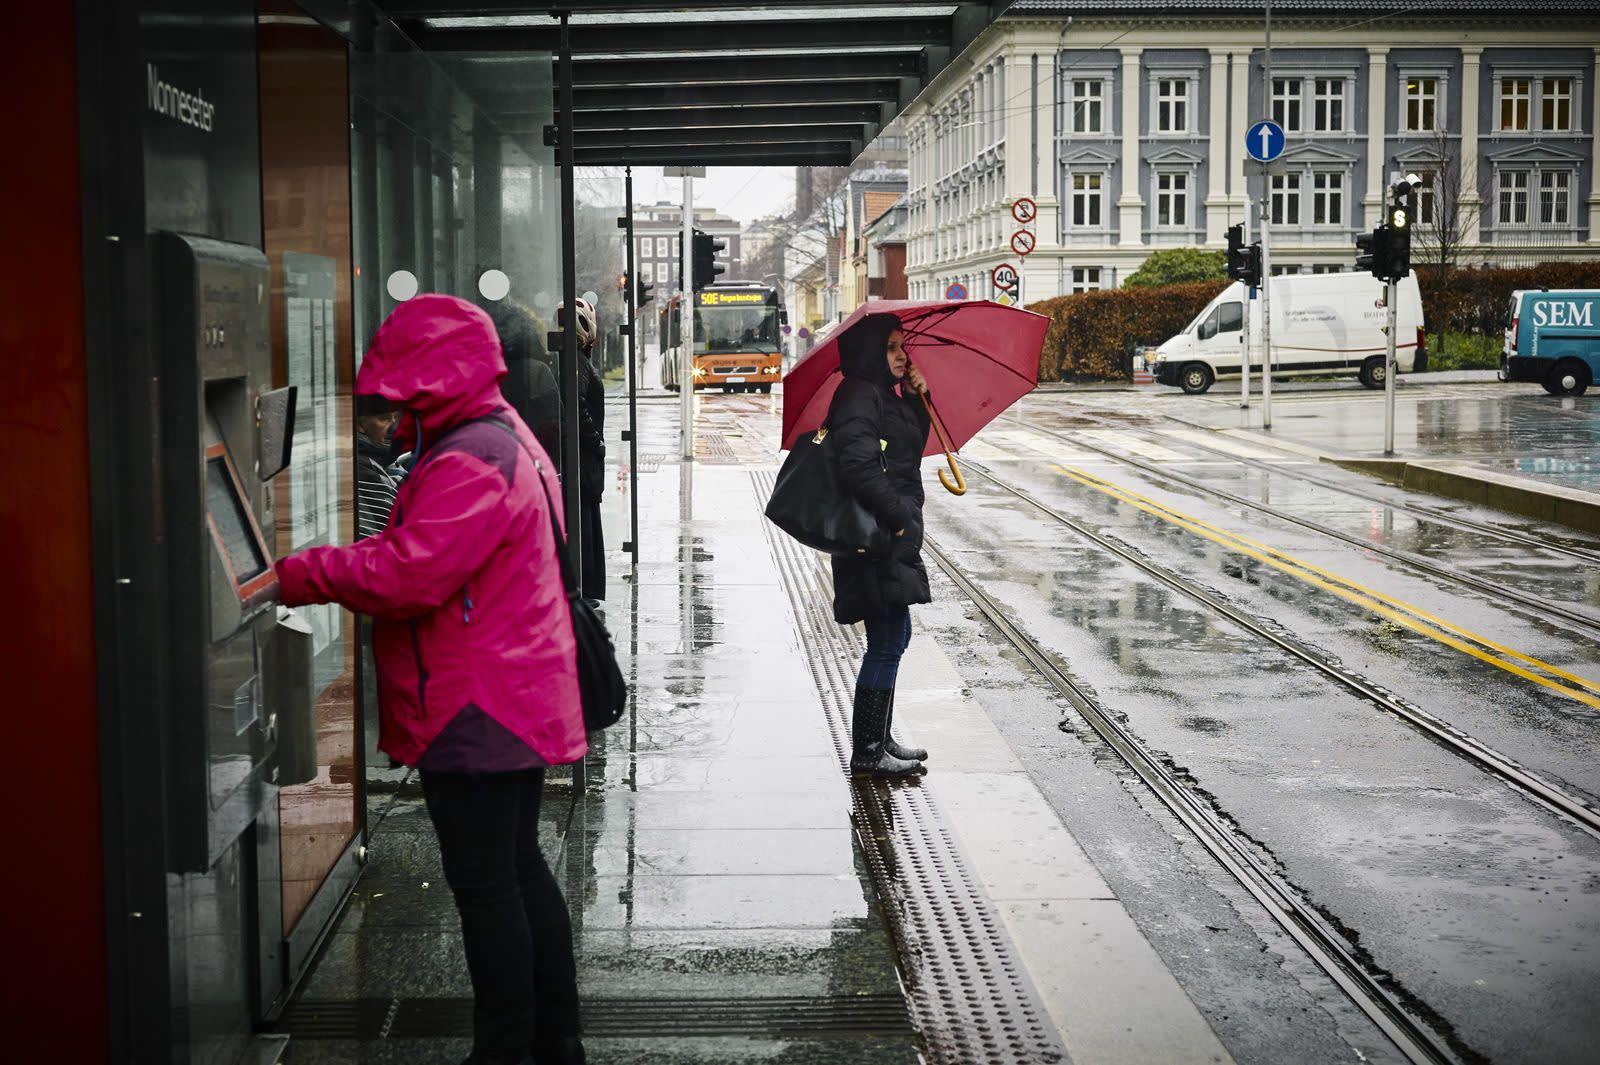 Noen mennesker står i ly av regnet og venter på bussen. Foto: Øivind Haug